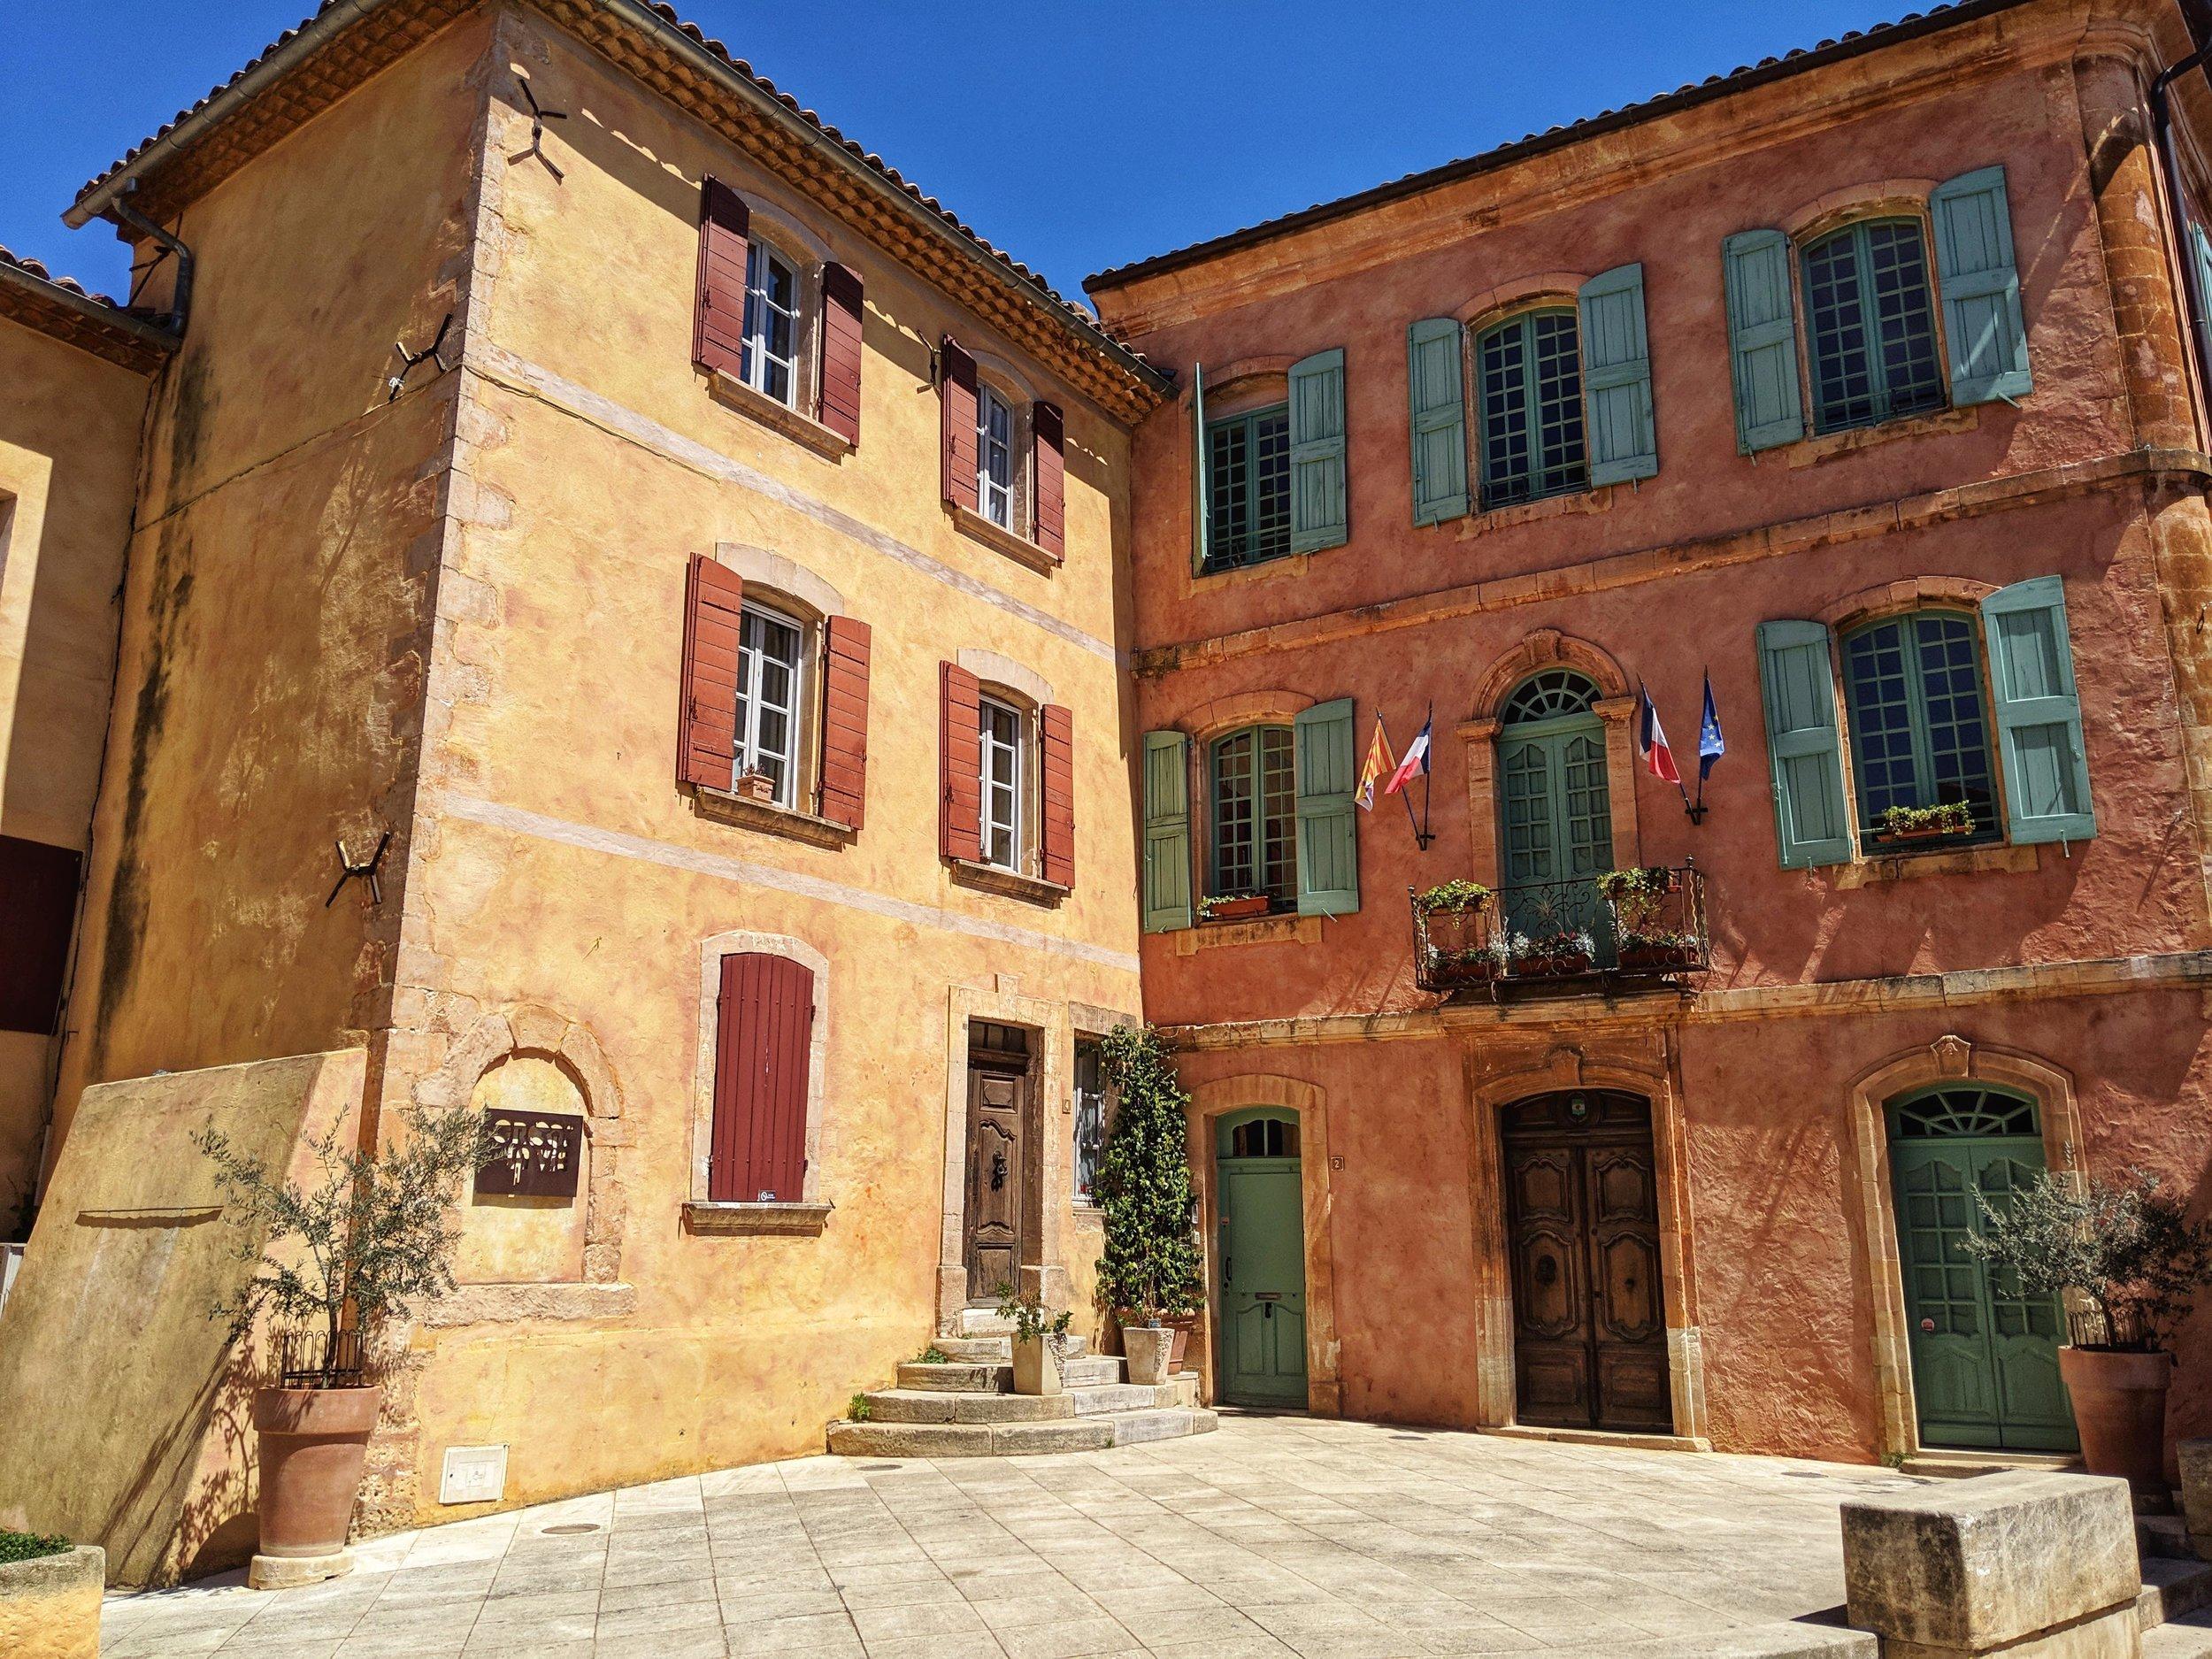 Ochre houses of Roussillon